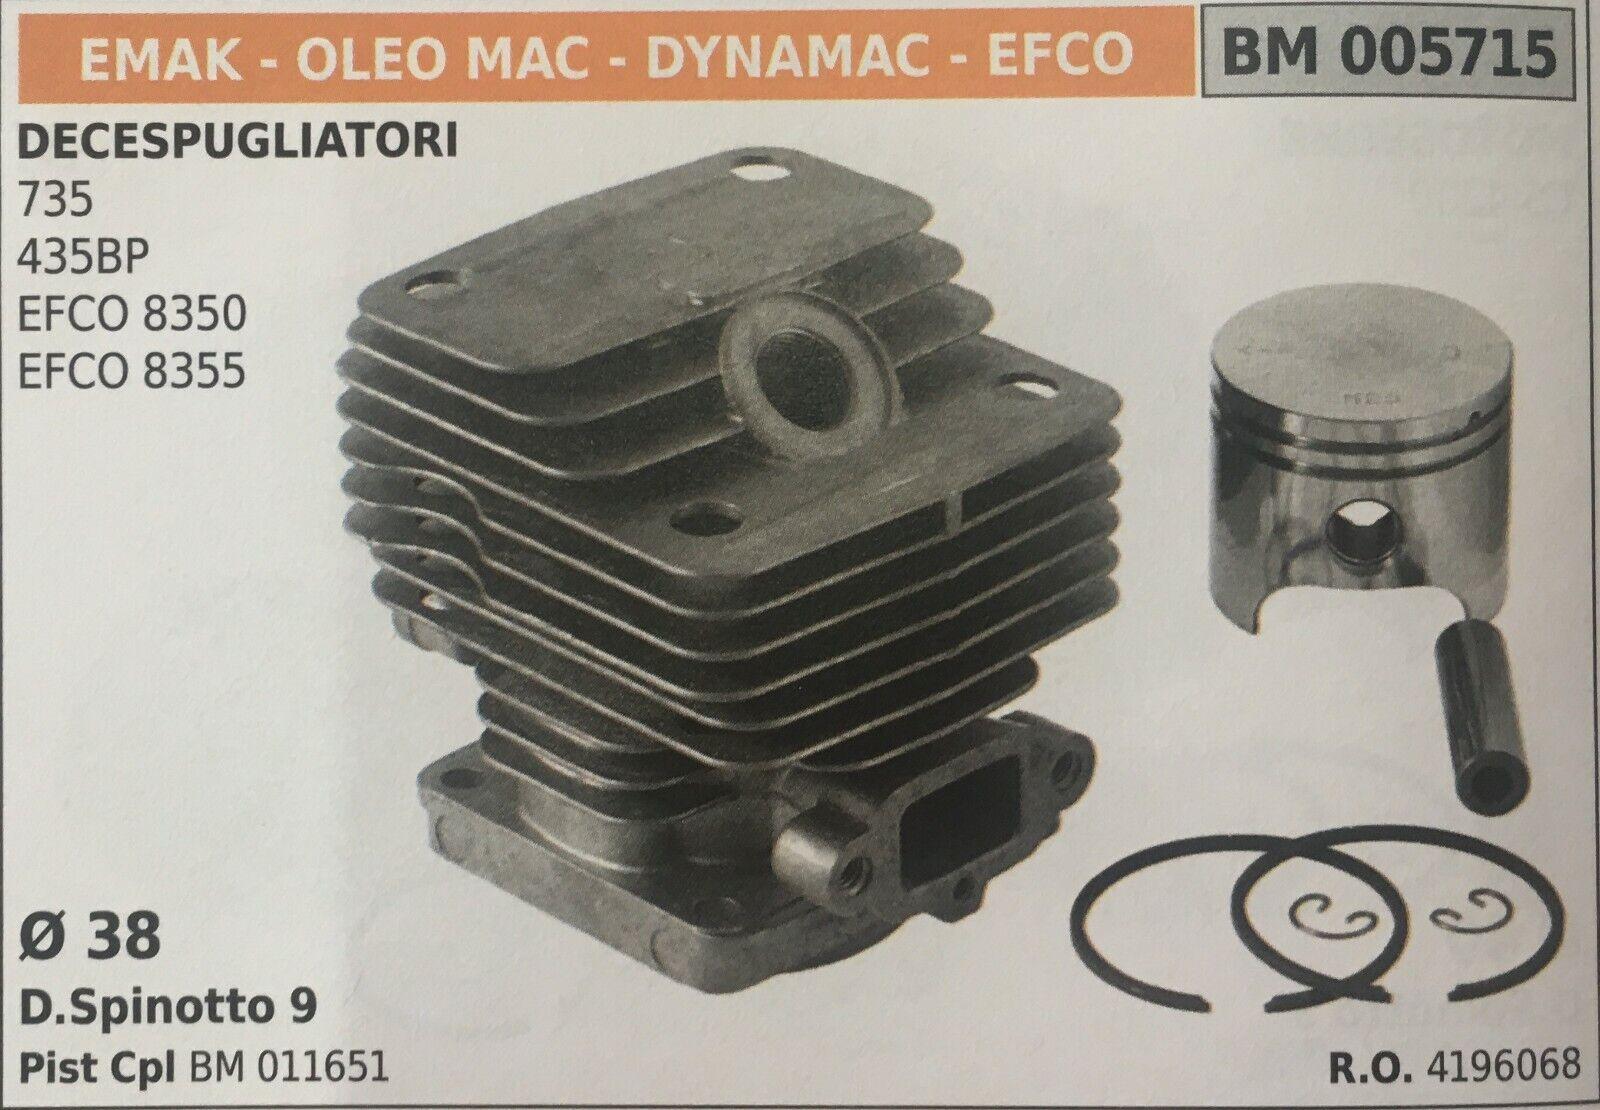 Cilindro Completo por Pistón y Segmentos Brumar BM005715 Emak-Oleo Mac y Otros